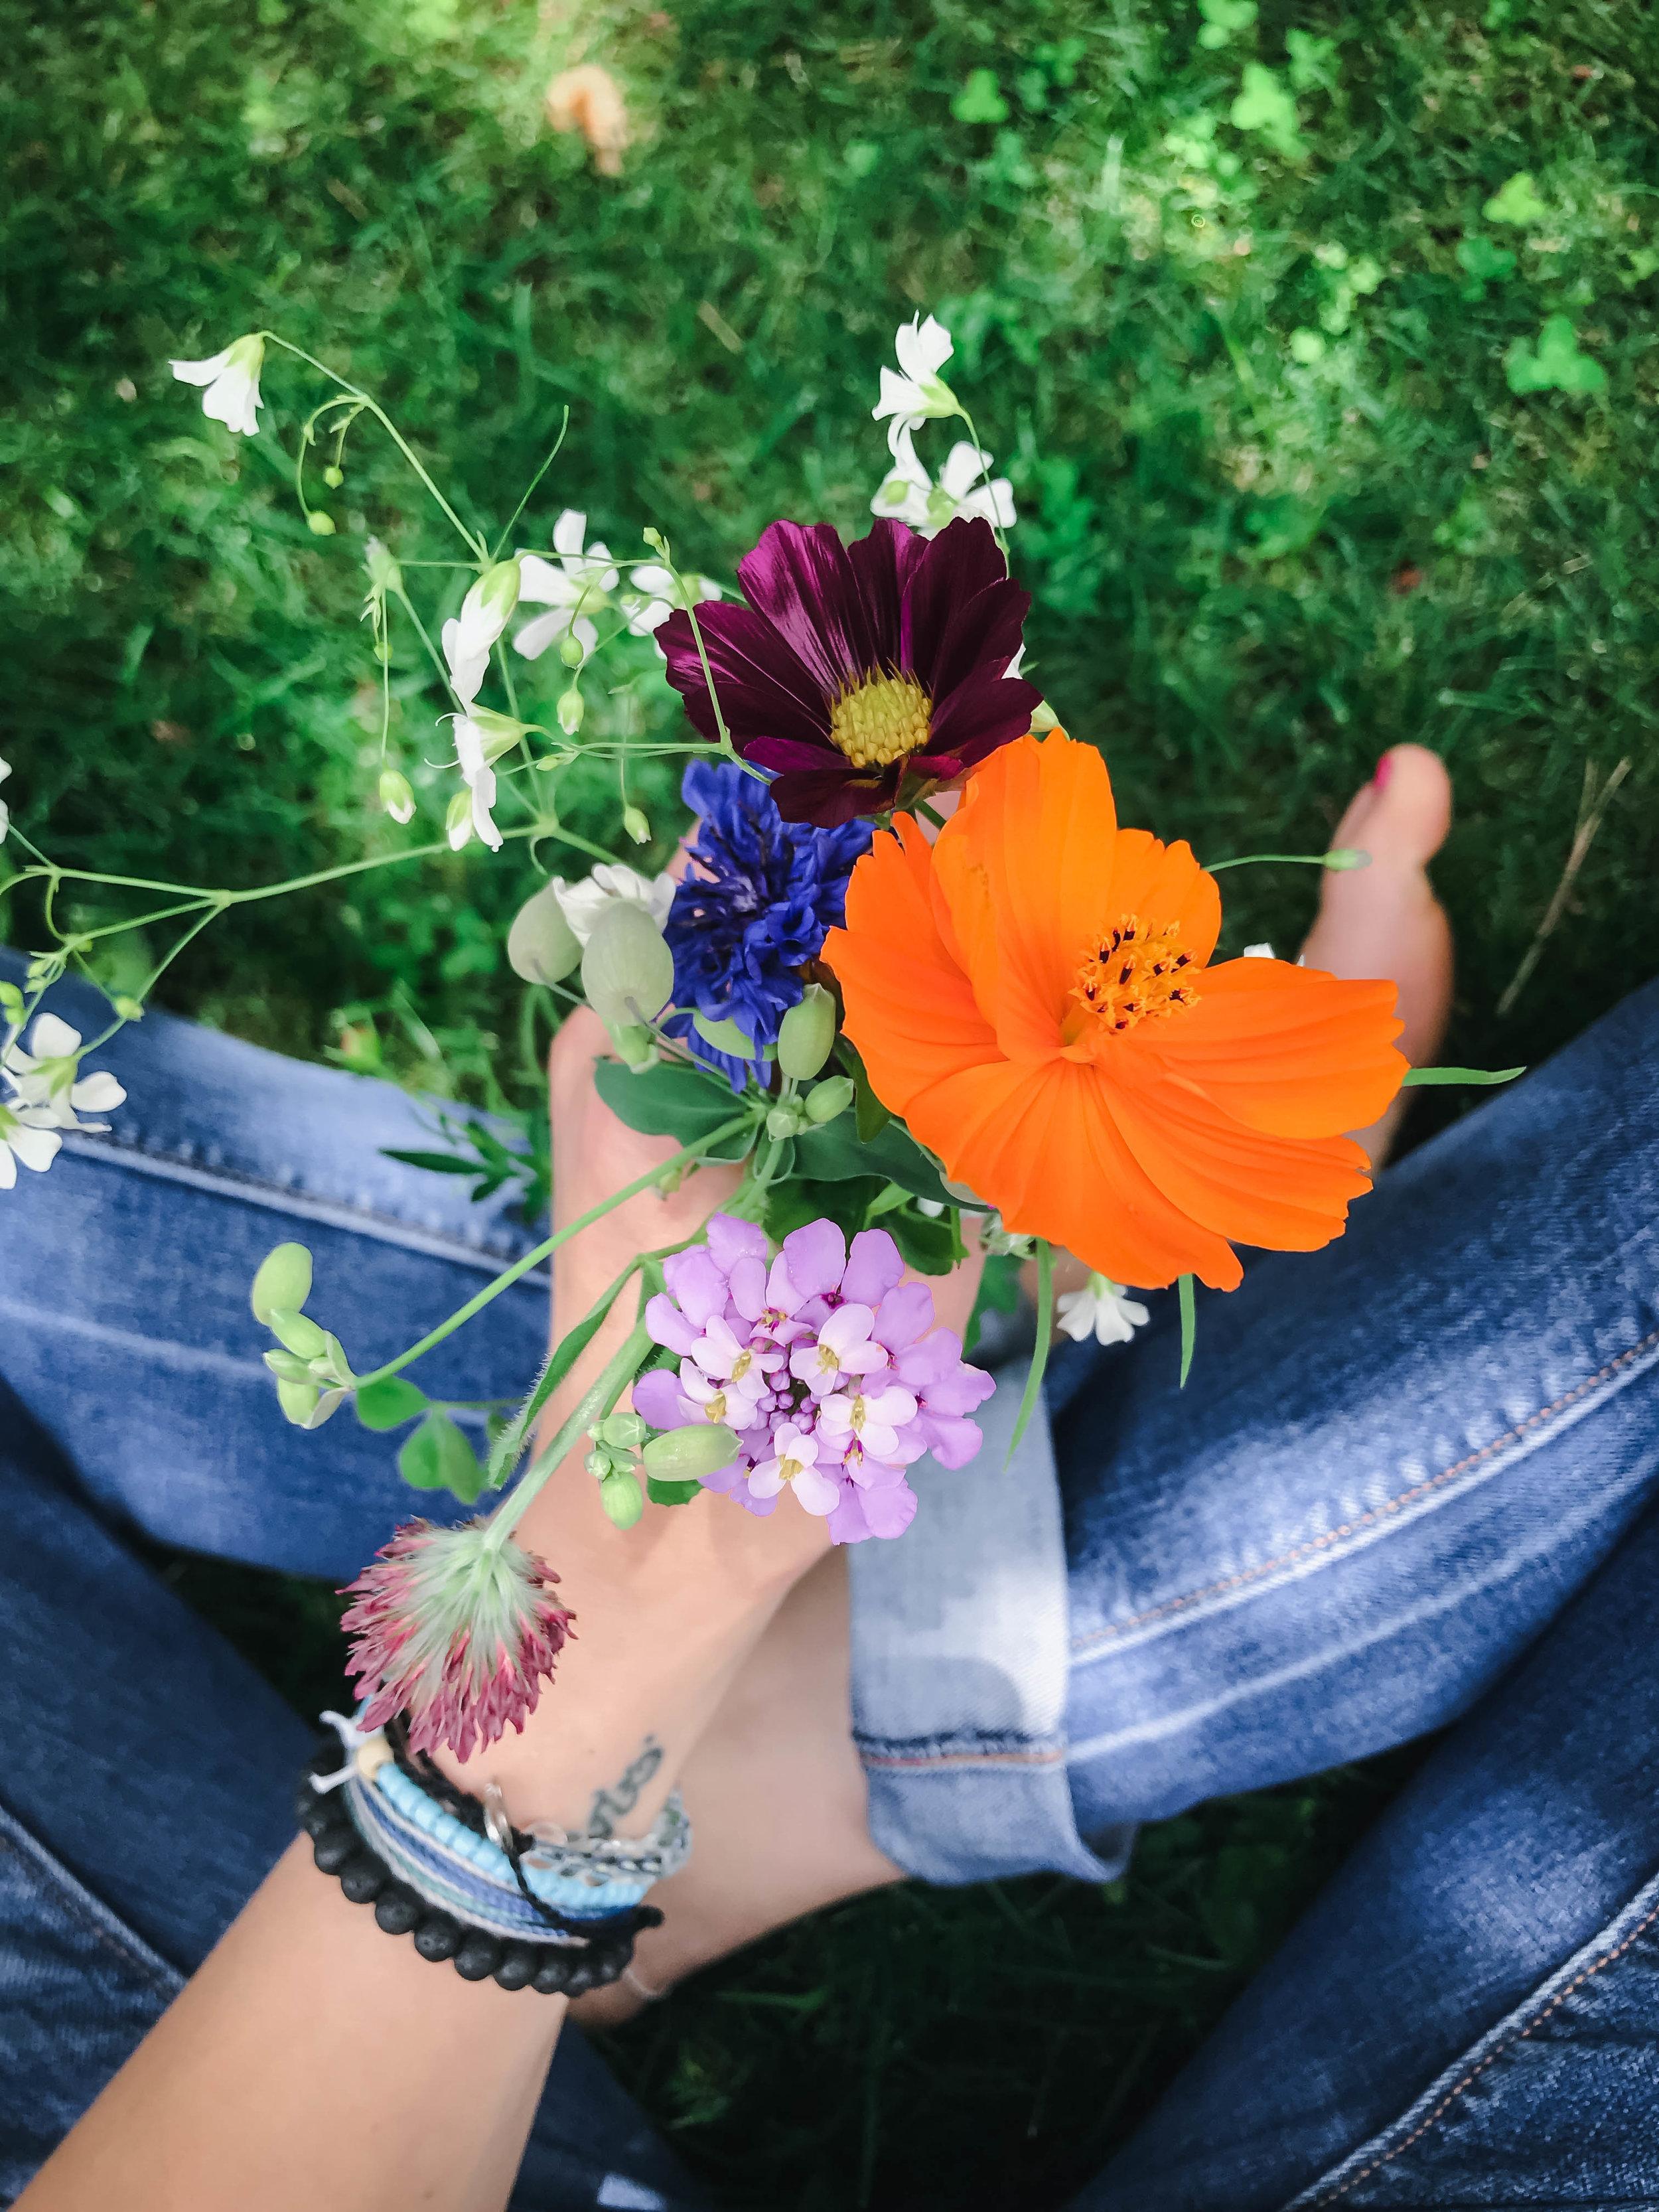 flowers being held in hand